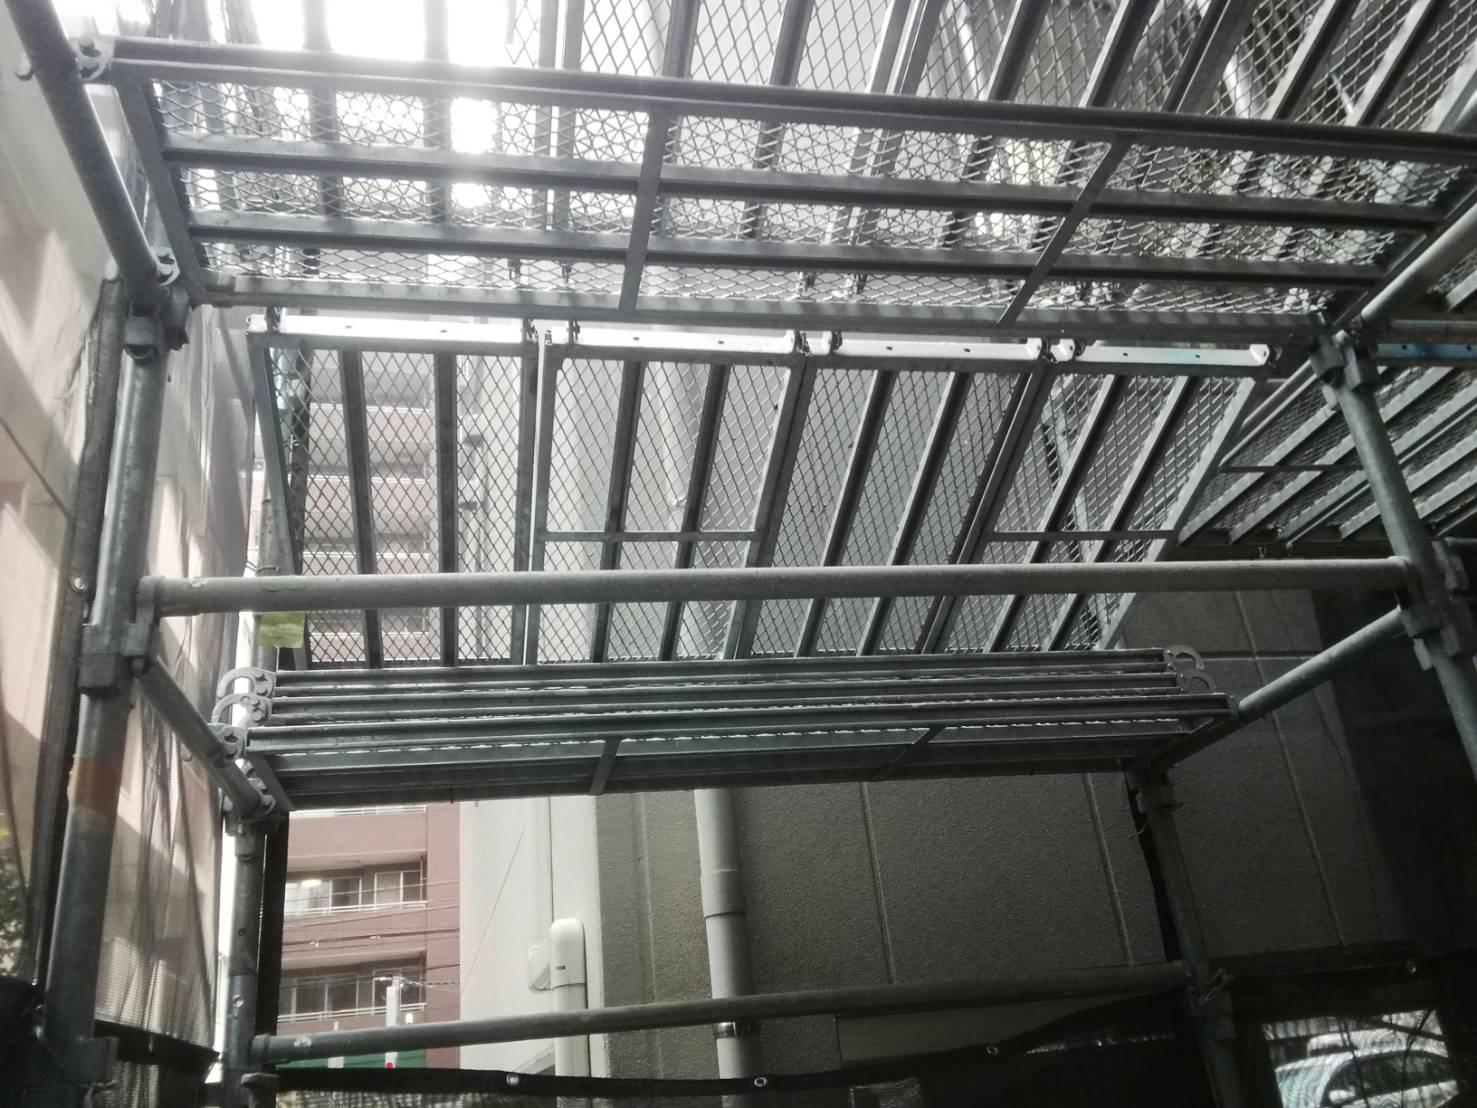 福岡県福岡市中央区 ライオンズマンション改修工事 足場②